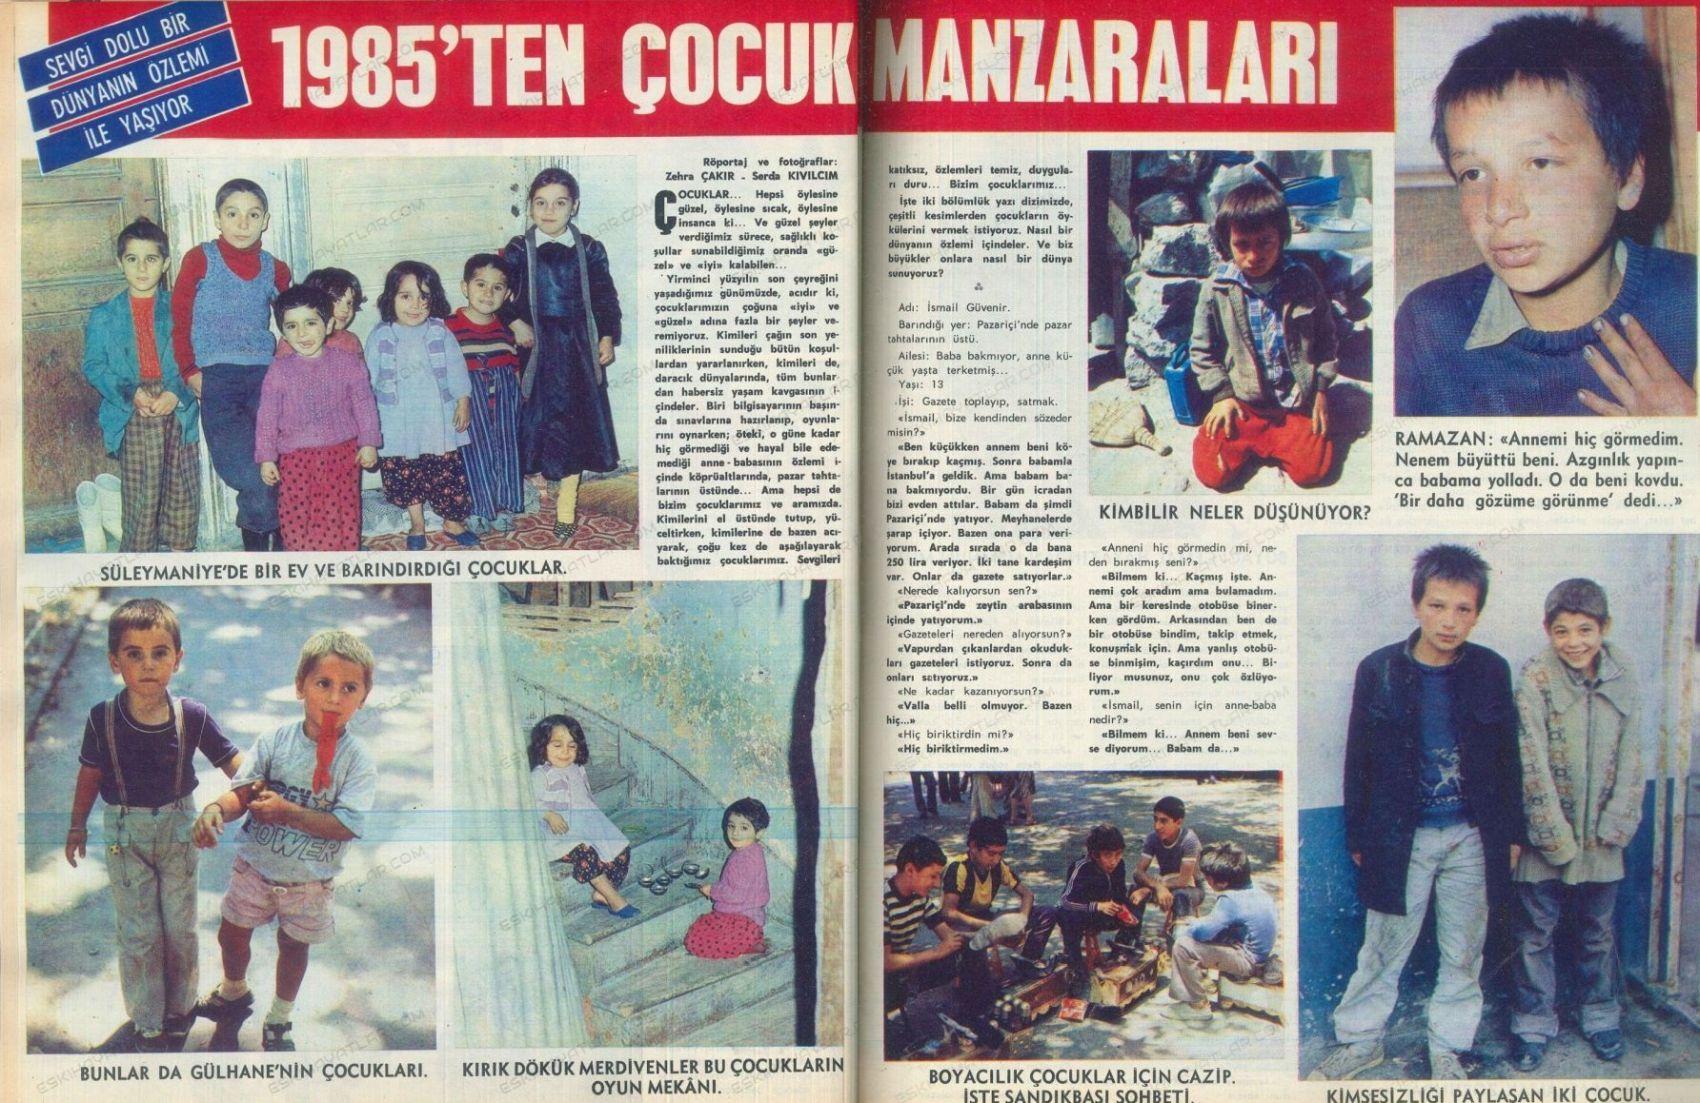 0373-seksenlerde-cocuk-olmak-1985-hayat-dergisi (3)